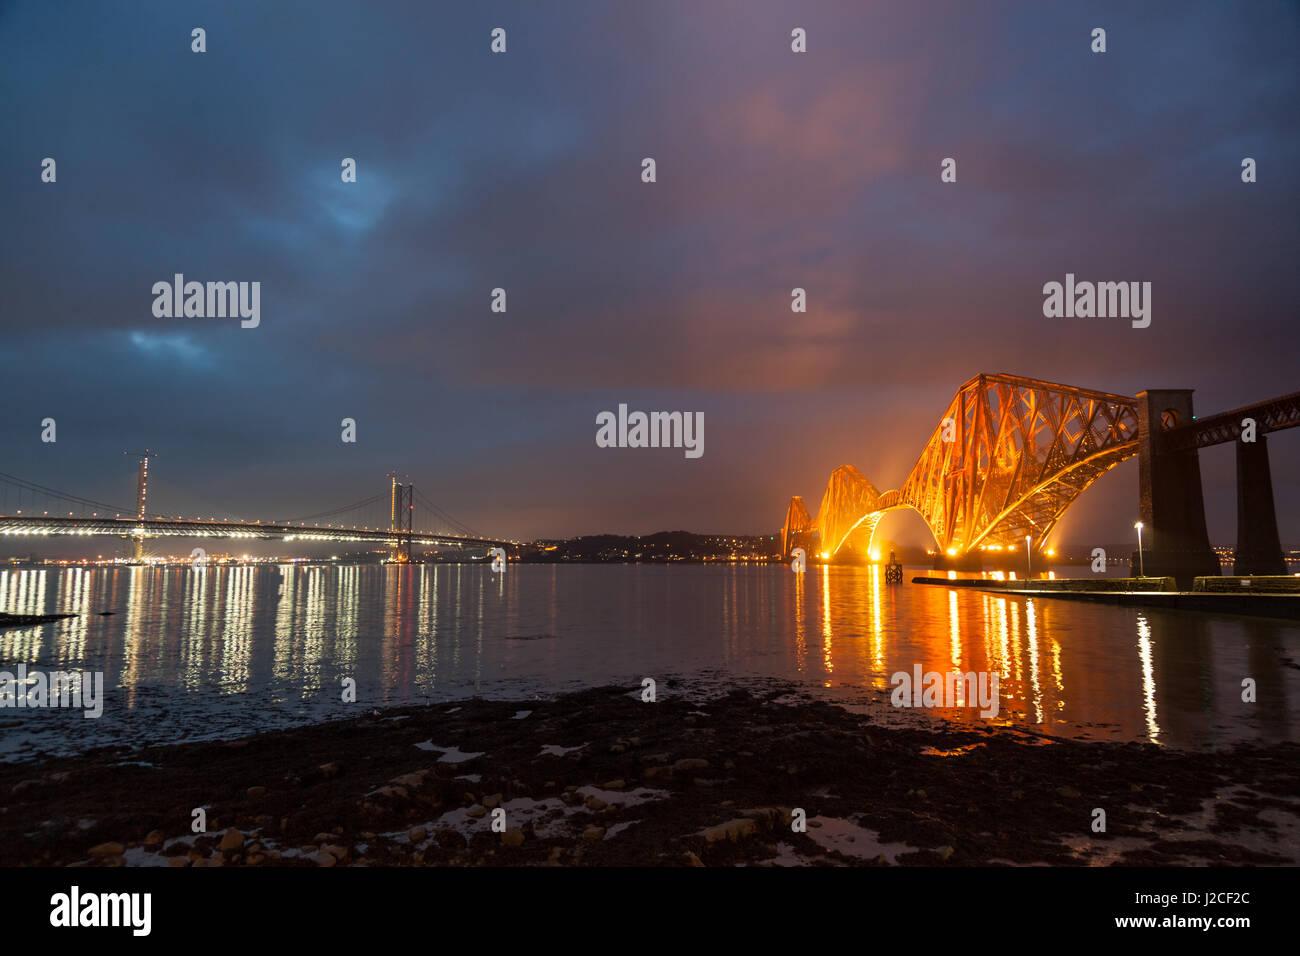 Die Forth Rail Bridge beleuchtet in der Abenddämmerung. South Queensferry, Edinburgh, Schottland Stockbild